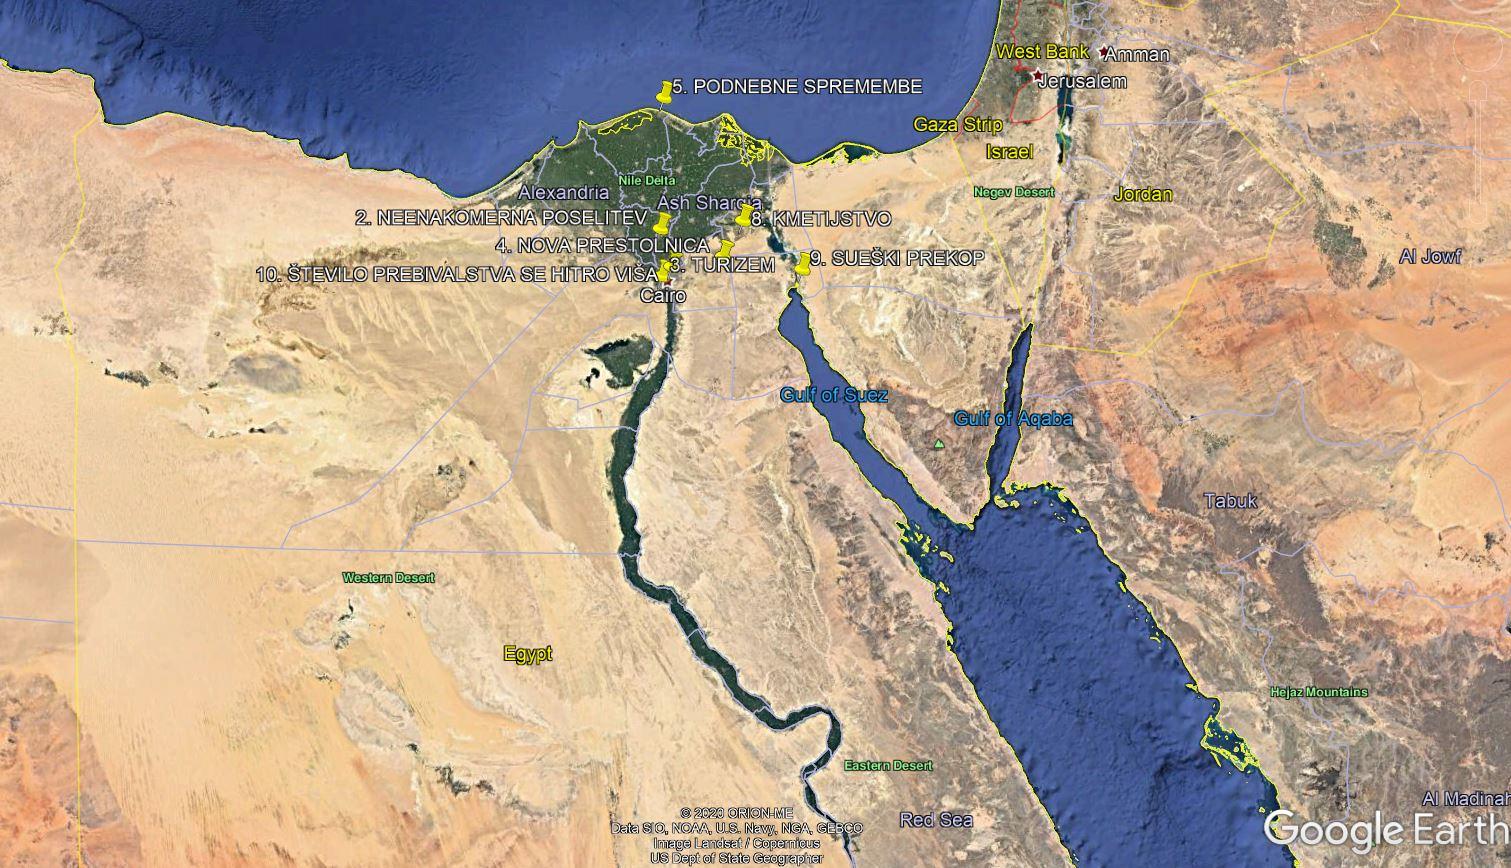 Geografija in uporaba Google Earth